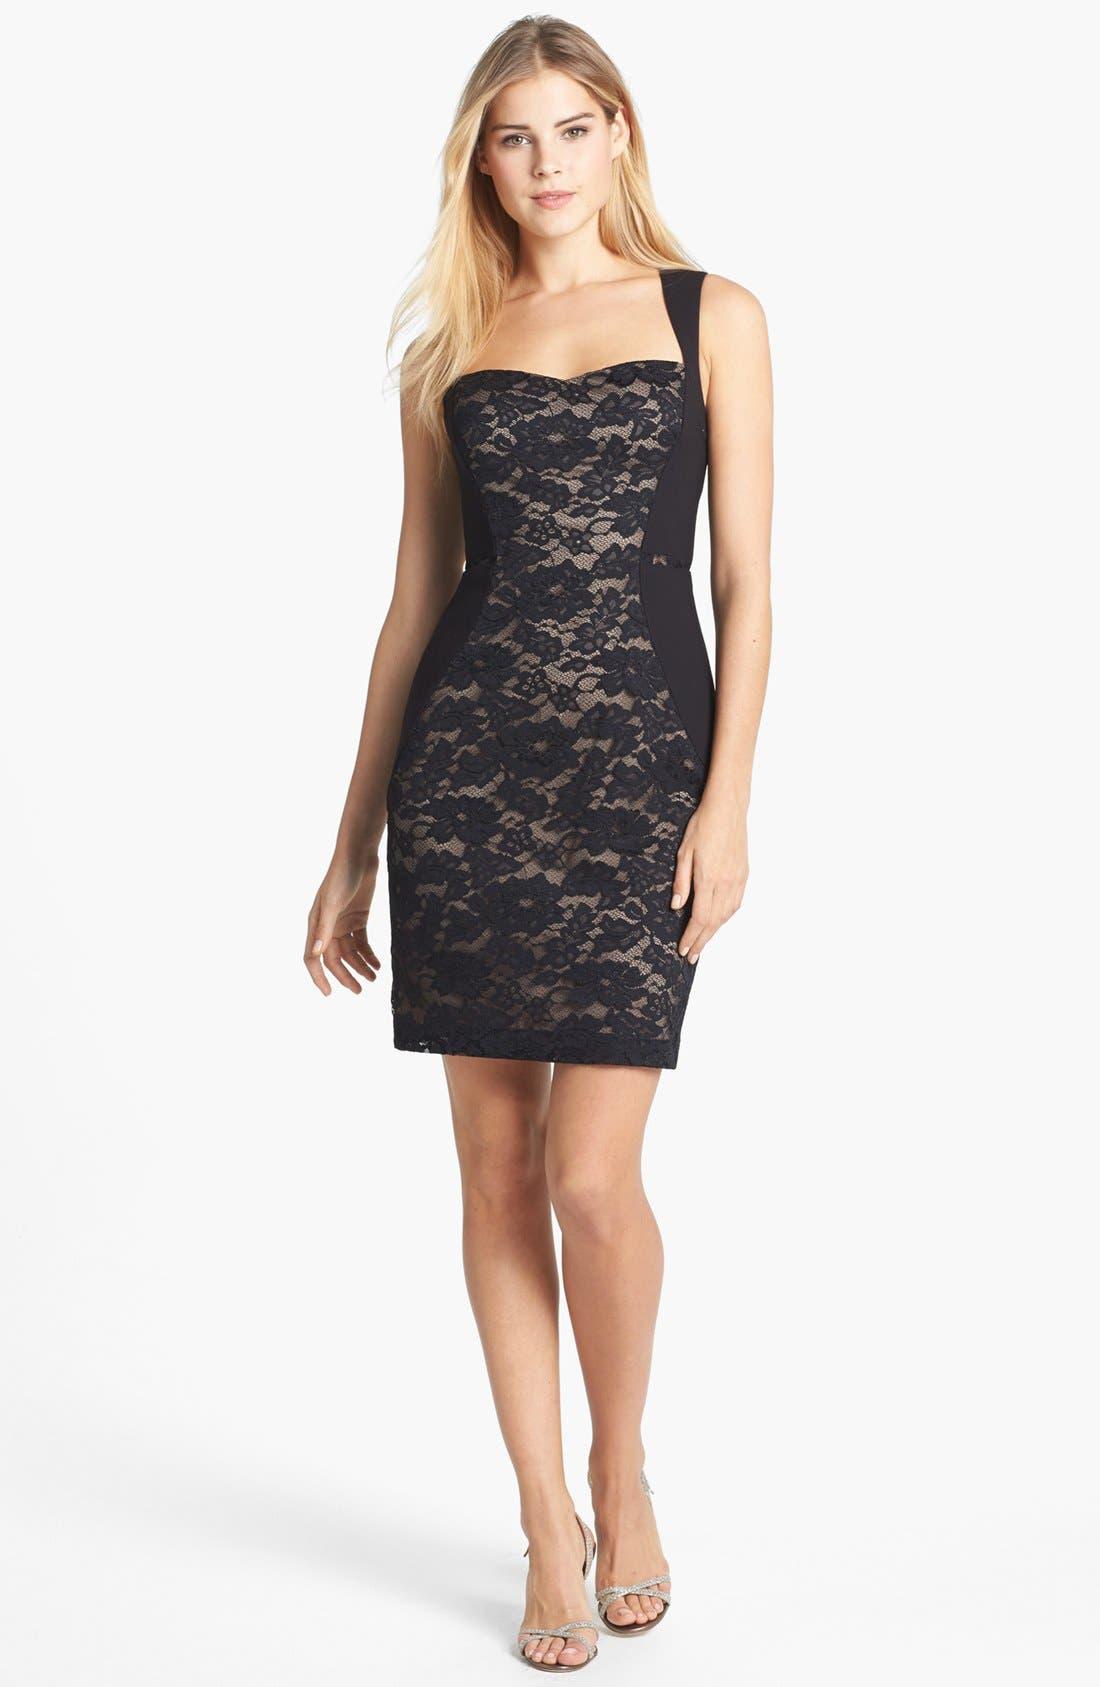 Main Image - Aidan Mattox Lace Paneled Body-Con Dress